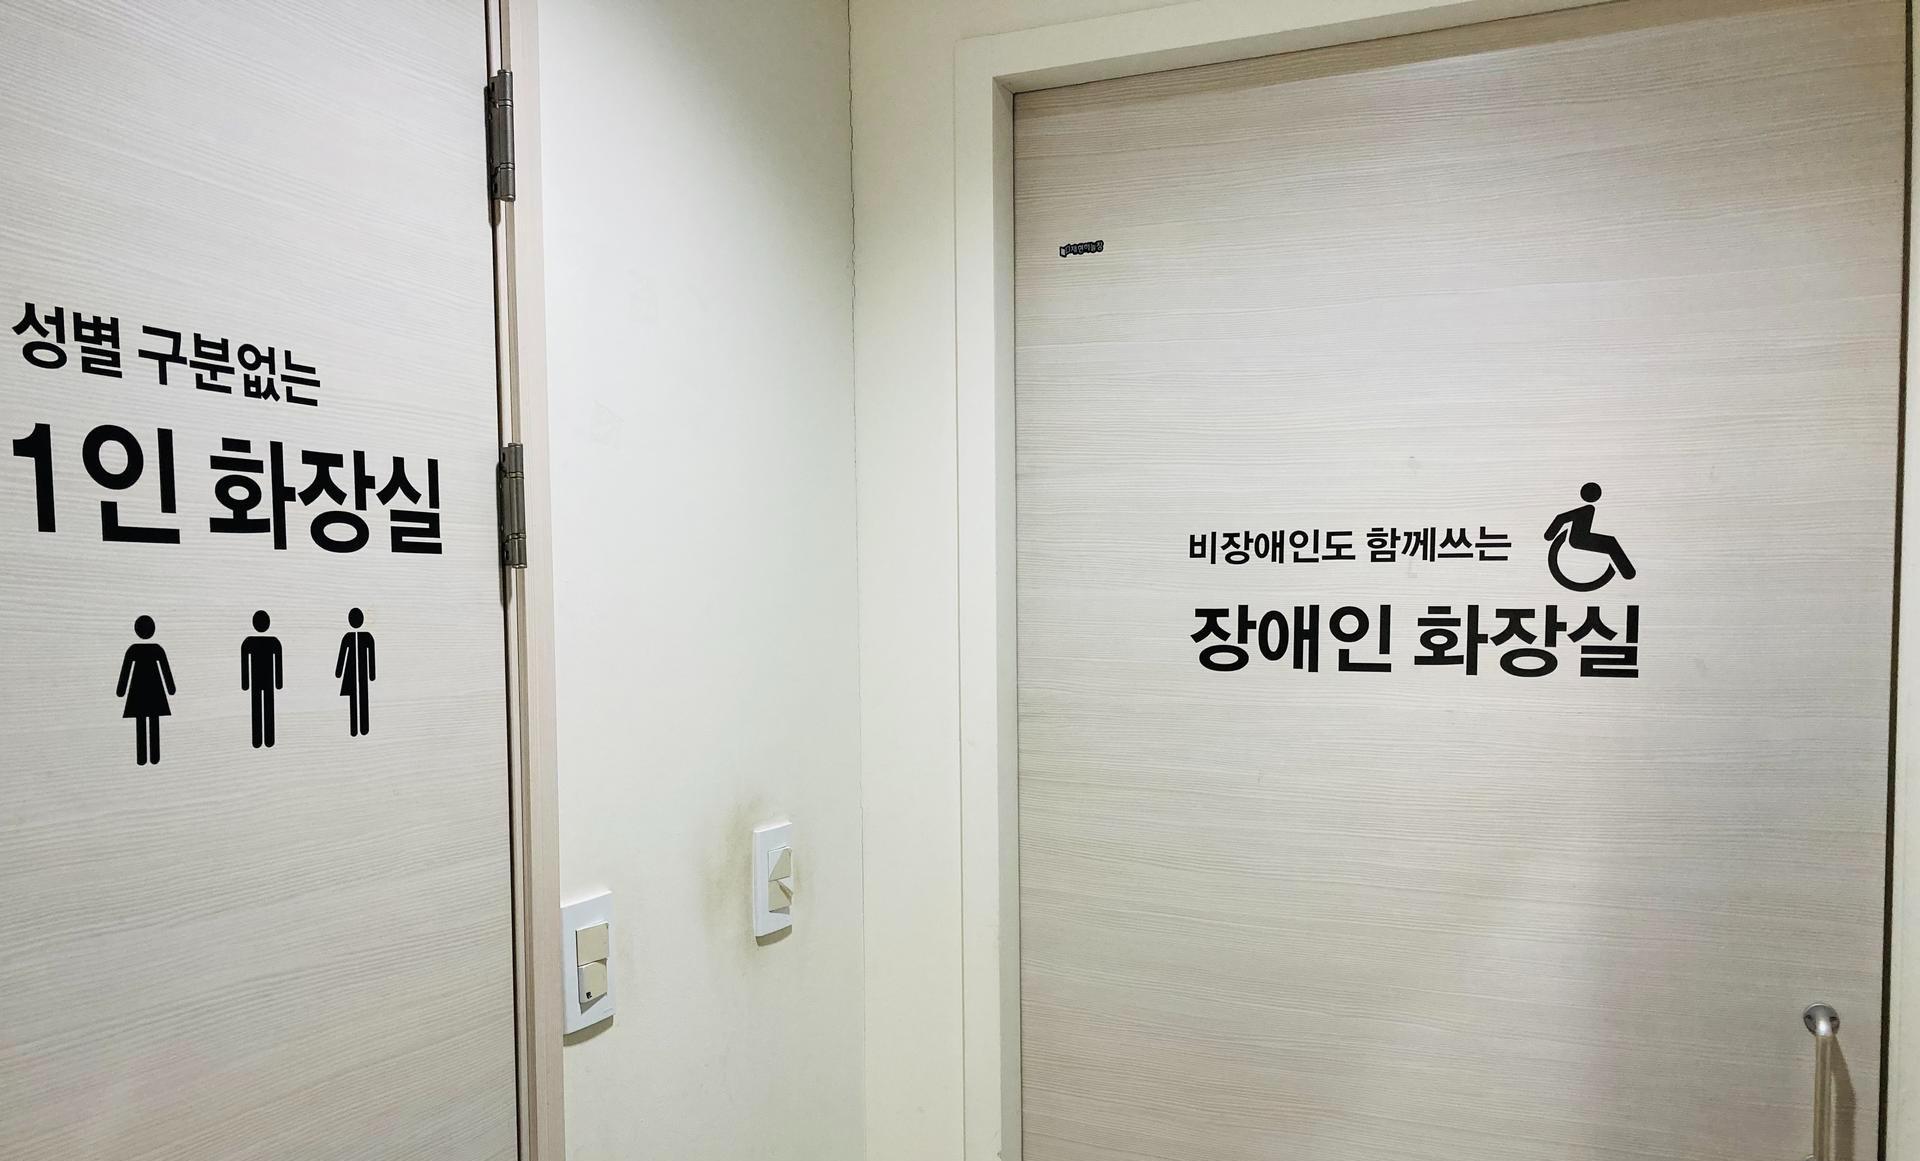 성별 구분 없는 화장실과 장애인 화장실